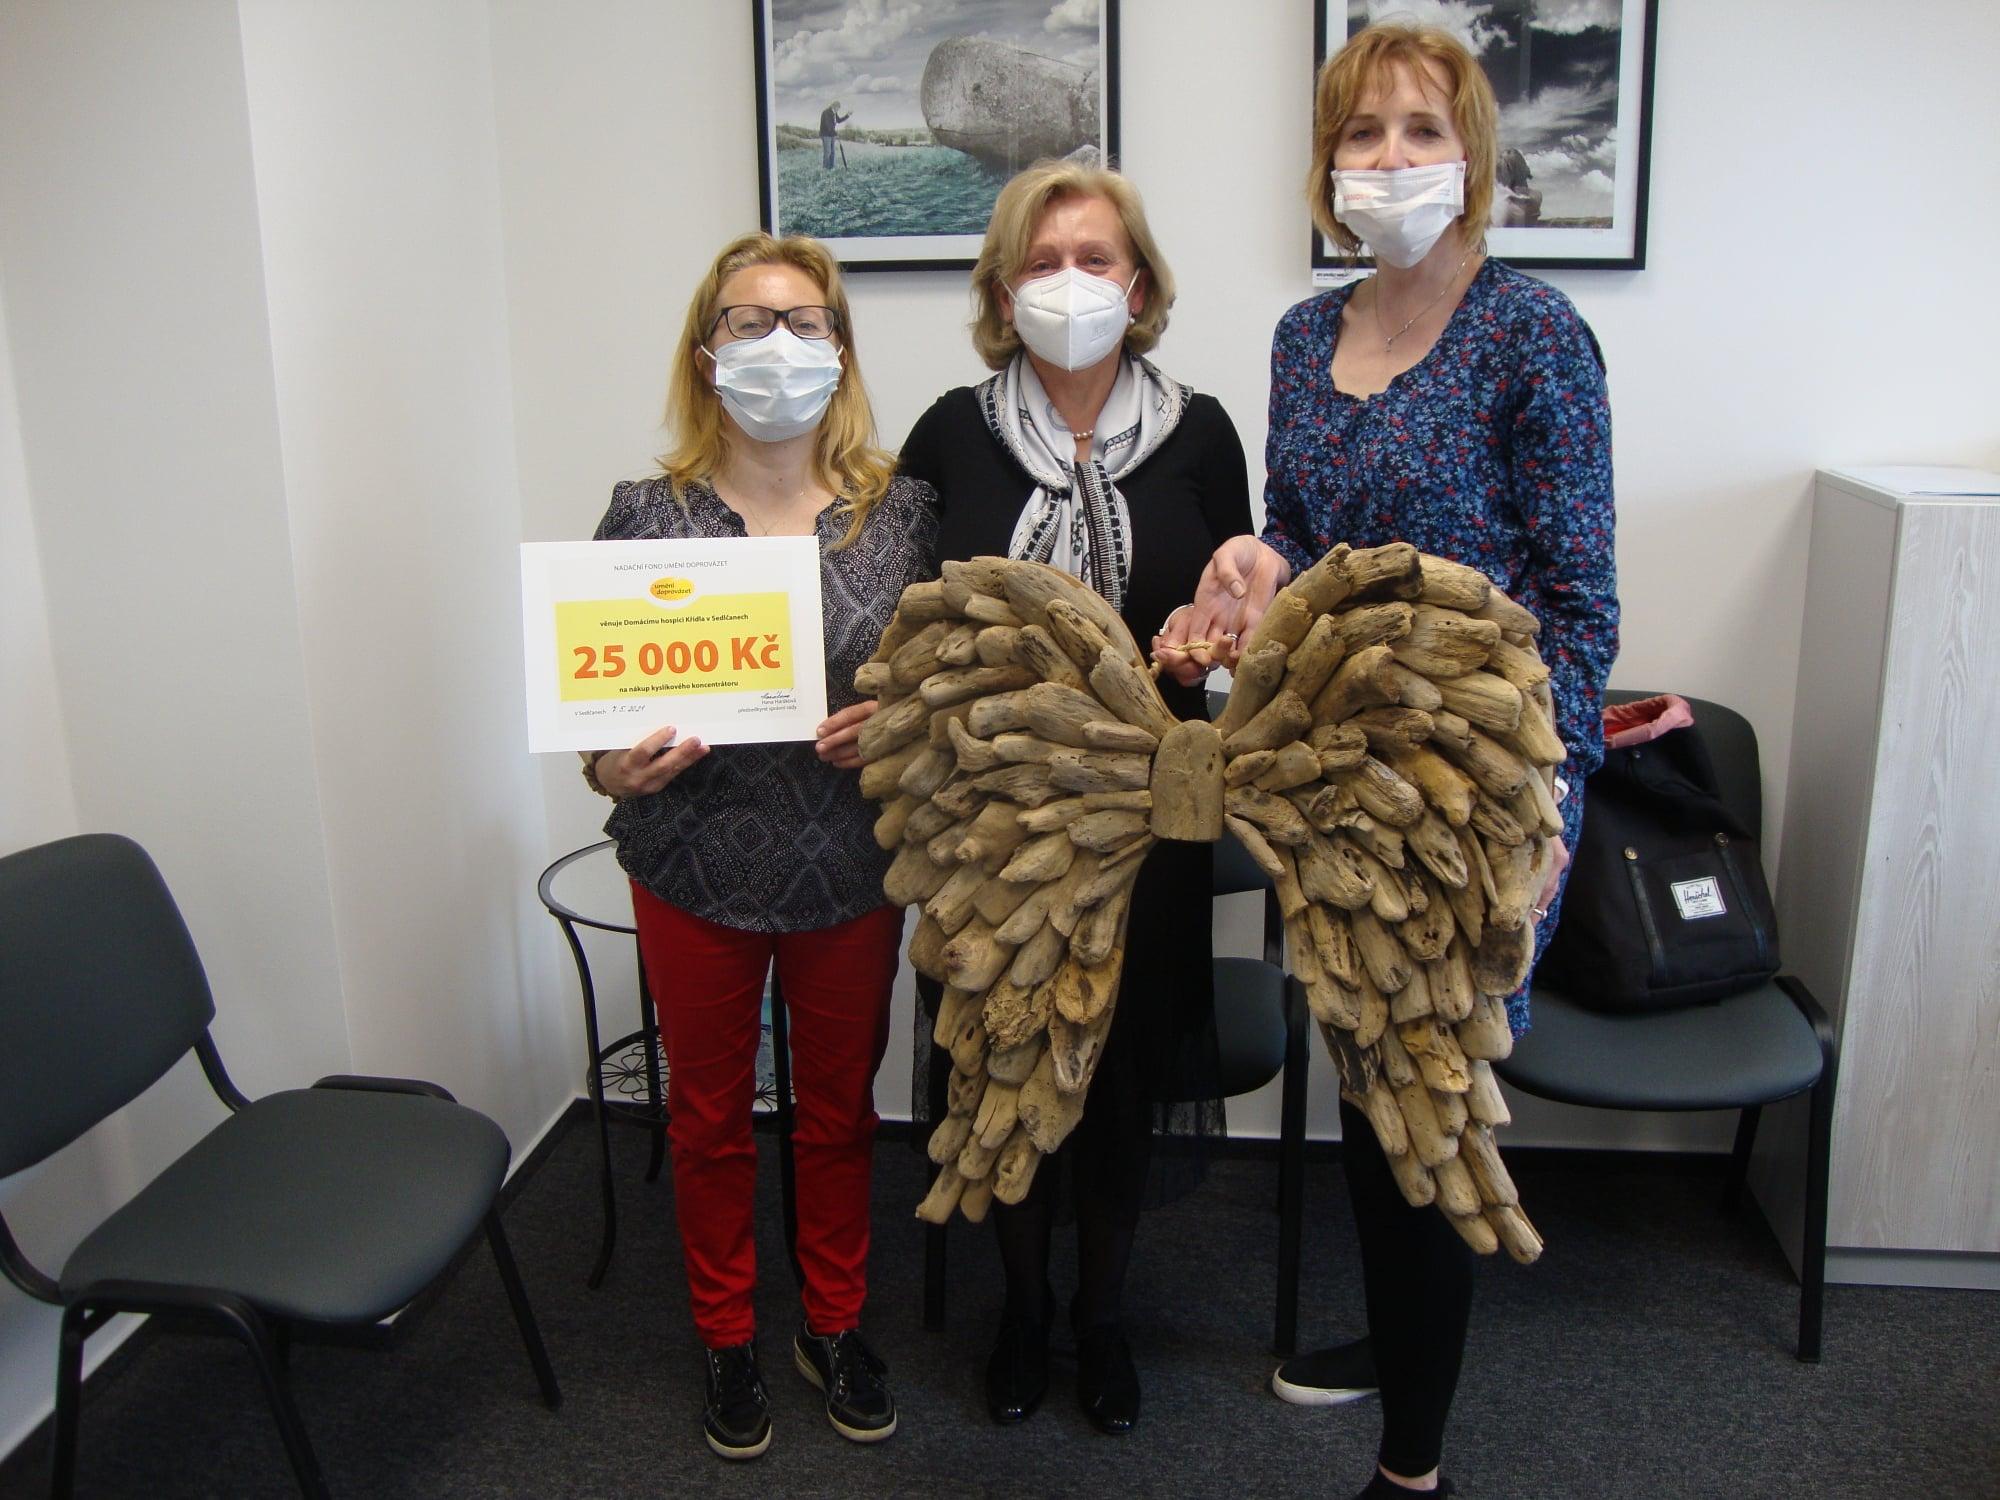 Domácí hospic Křídla od nás získal finanční dar na nákup kyslíkového koncentrátoru